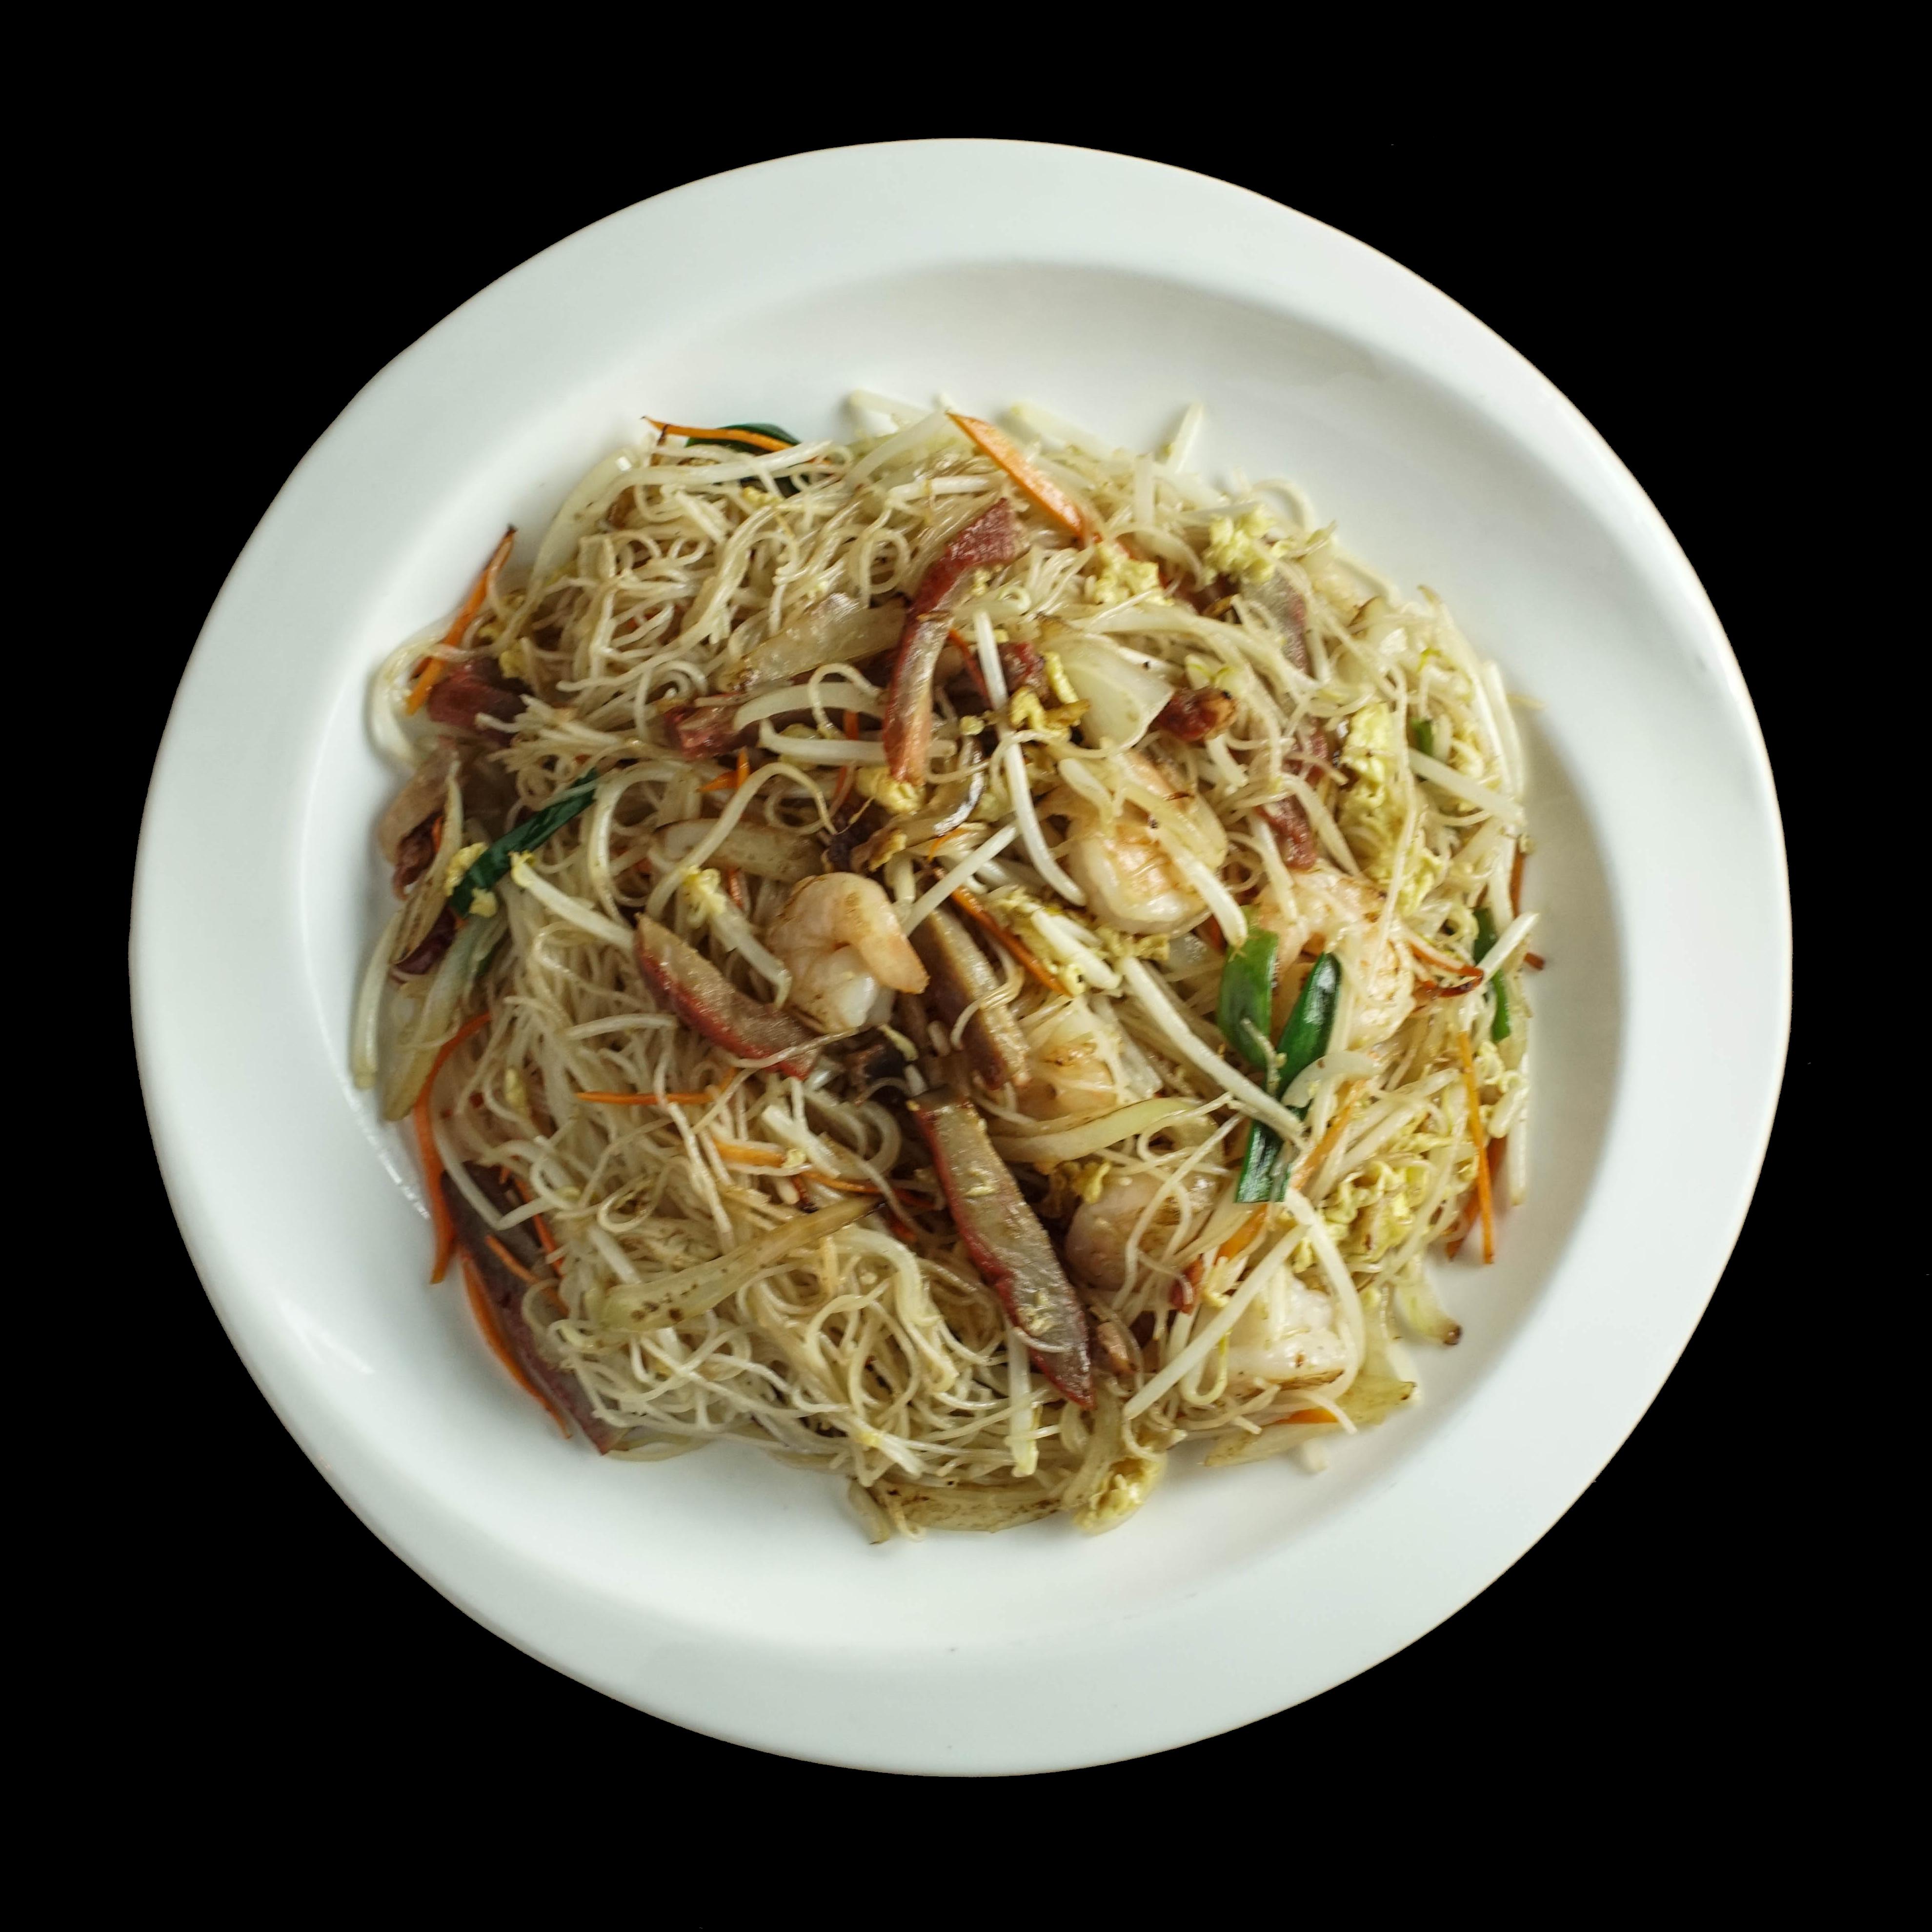 105. 招牌米粉 House Special Combination Thin Rice Noodle Image